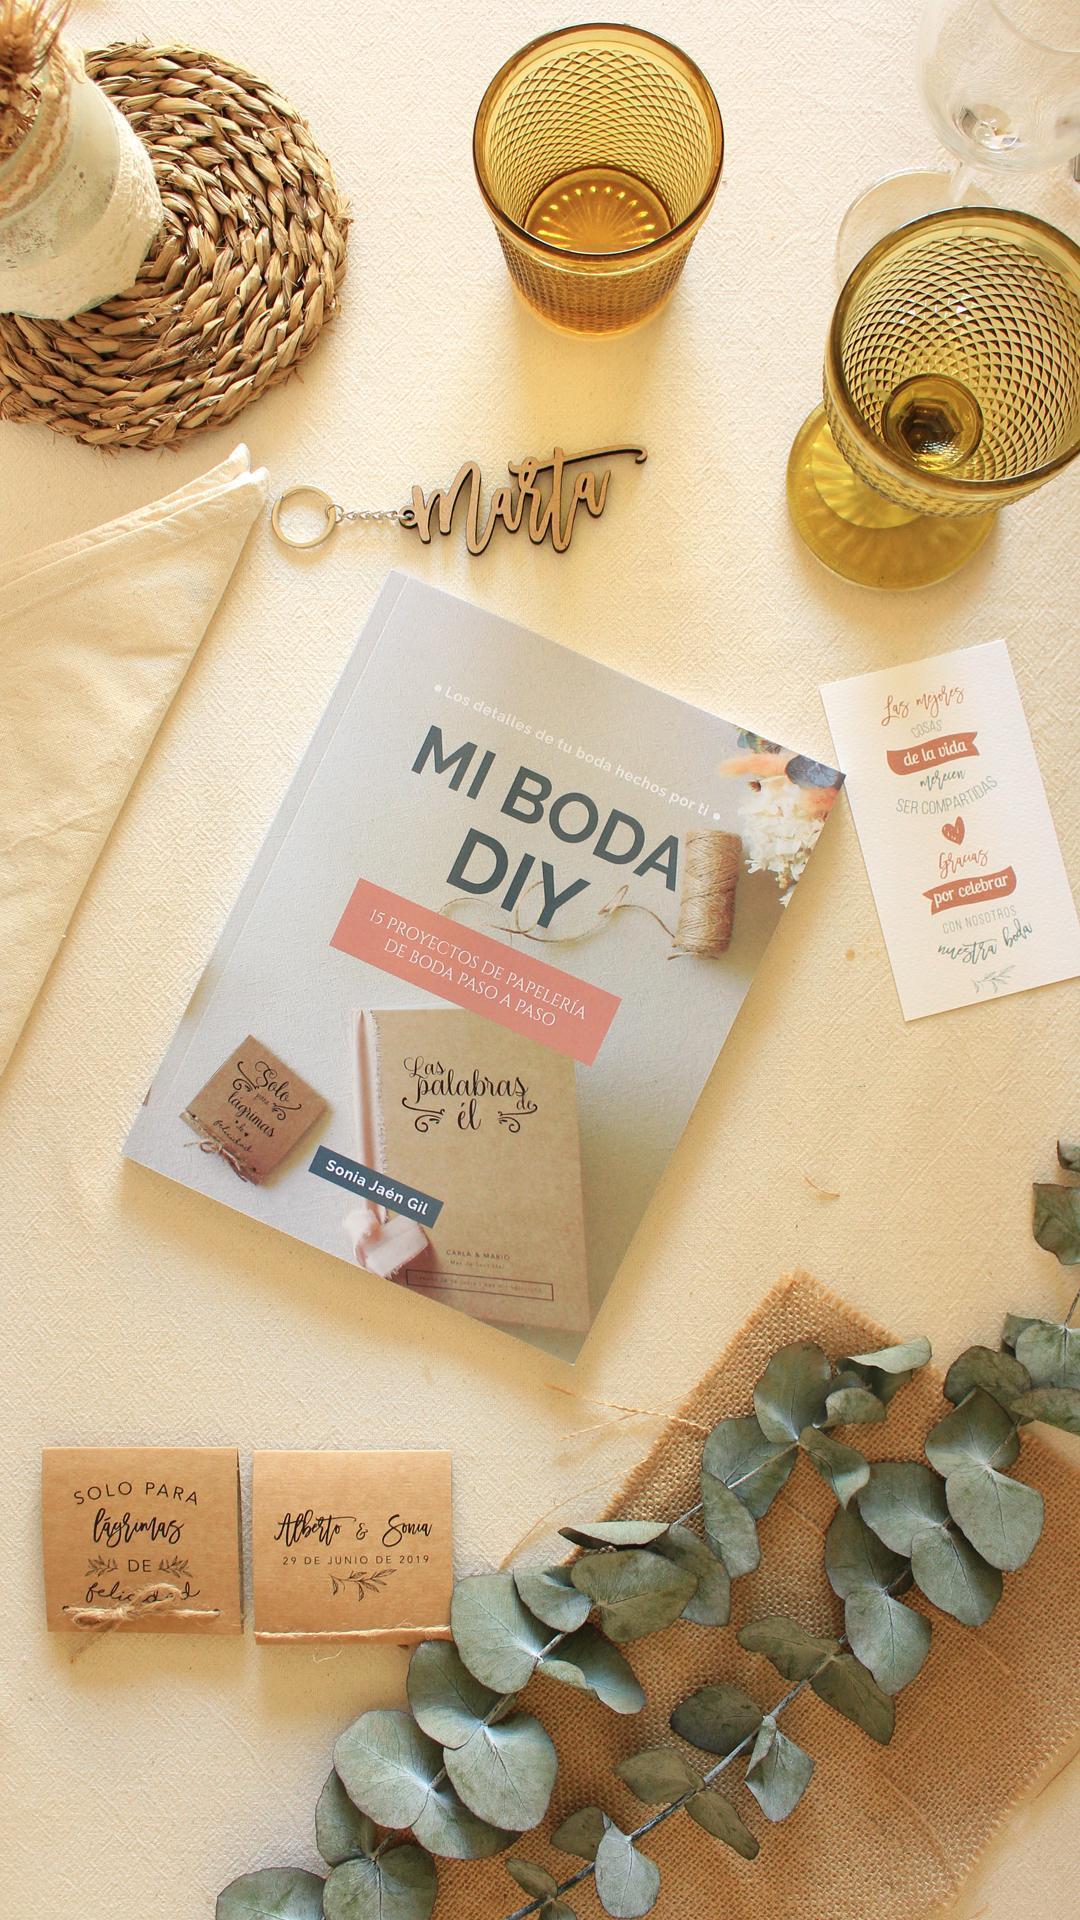 Aprende a crear la papelería de tu boda + ¡sorteo!